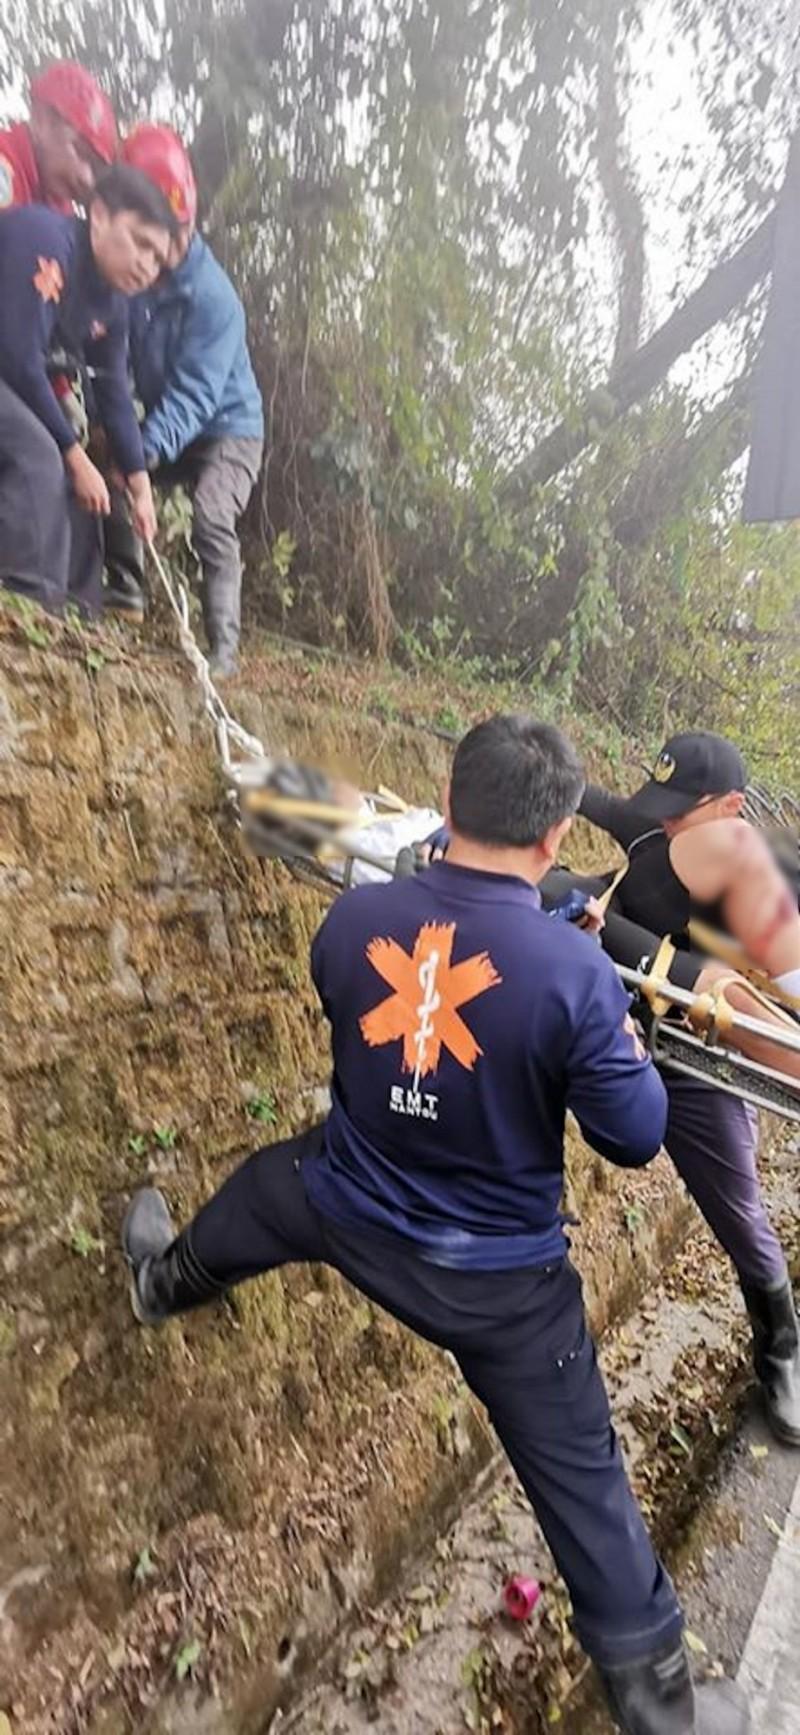 仁愛消防分隊與南投縣山區救災防護協會清境中隊多人合力以繩索、擔架將受傷騎士救起送醫救治。(民眾提供)